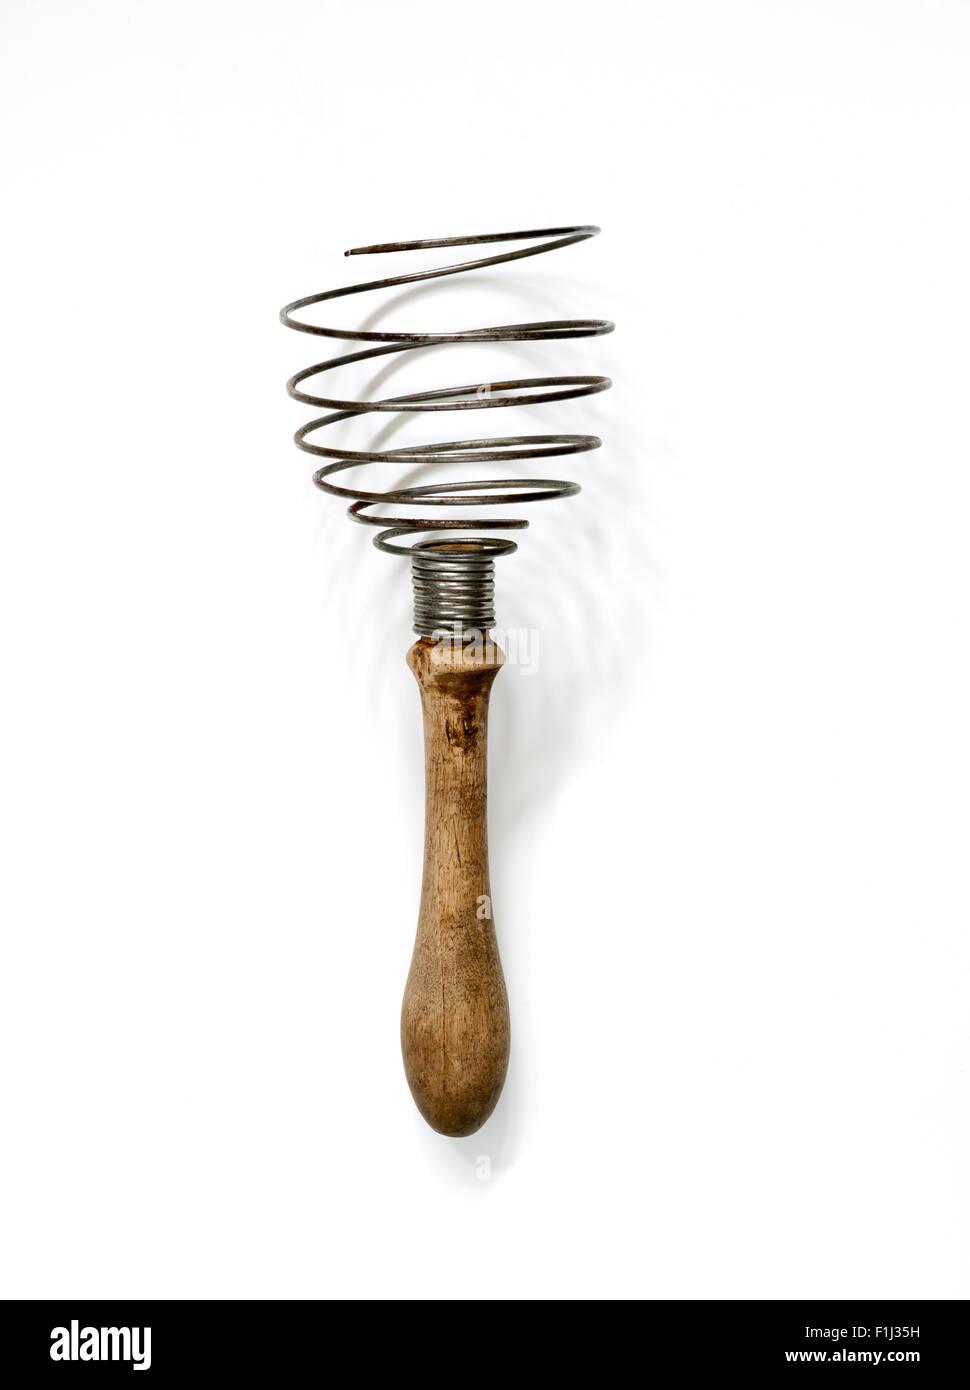 Old Vintage Kitchen Whisk - Stock Image